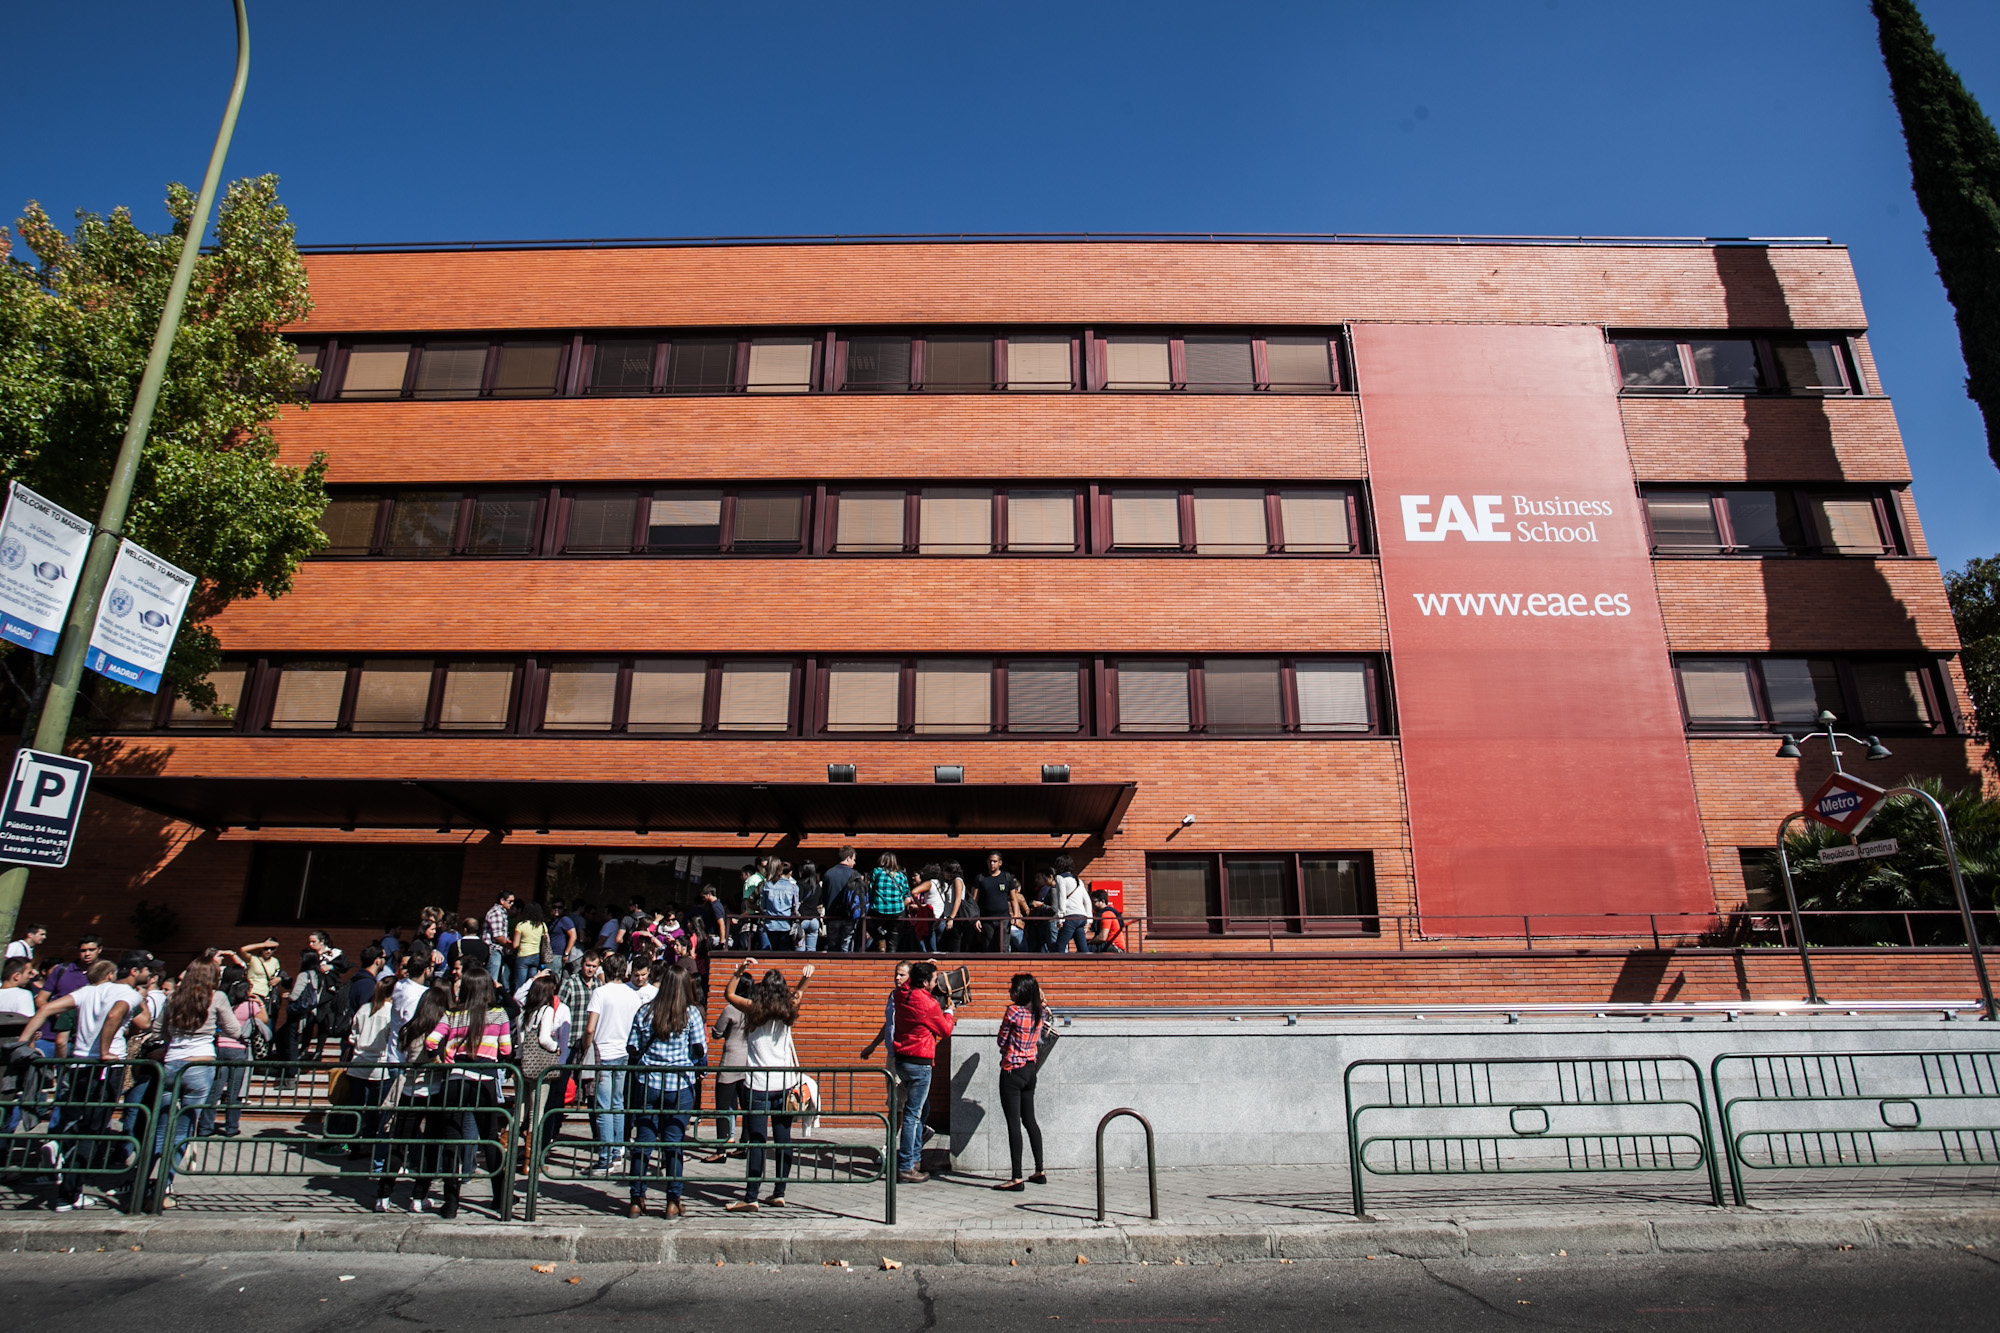 """HỌC BỔNG """"Khủng"""" của các trường Đại học Top Rankings tại Tây Ban Nha"""